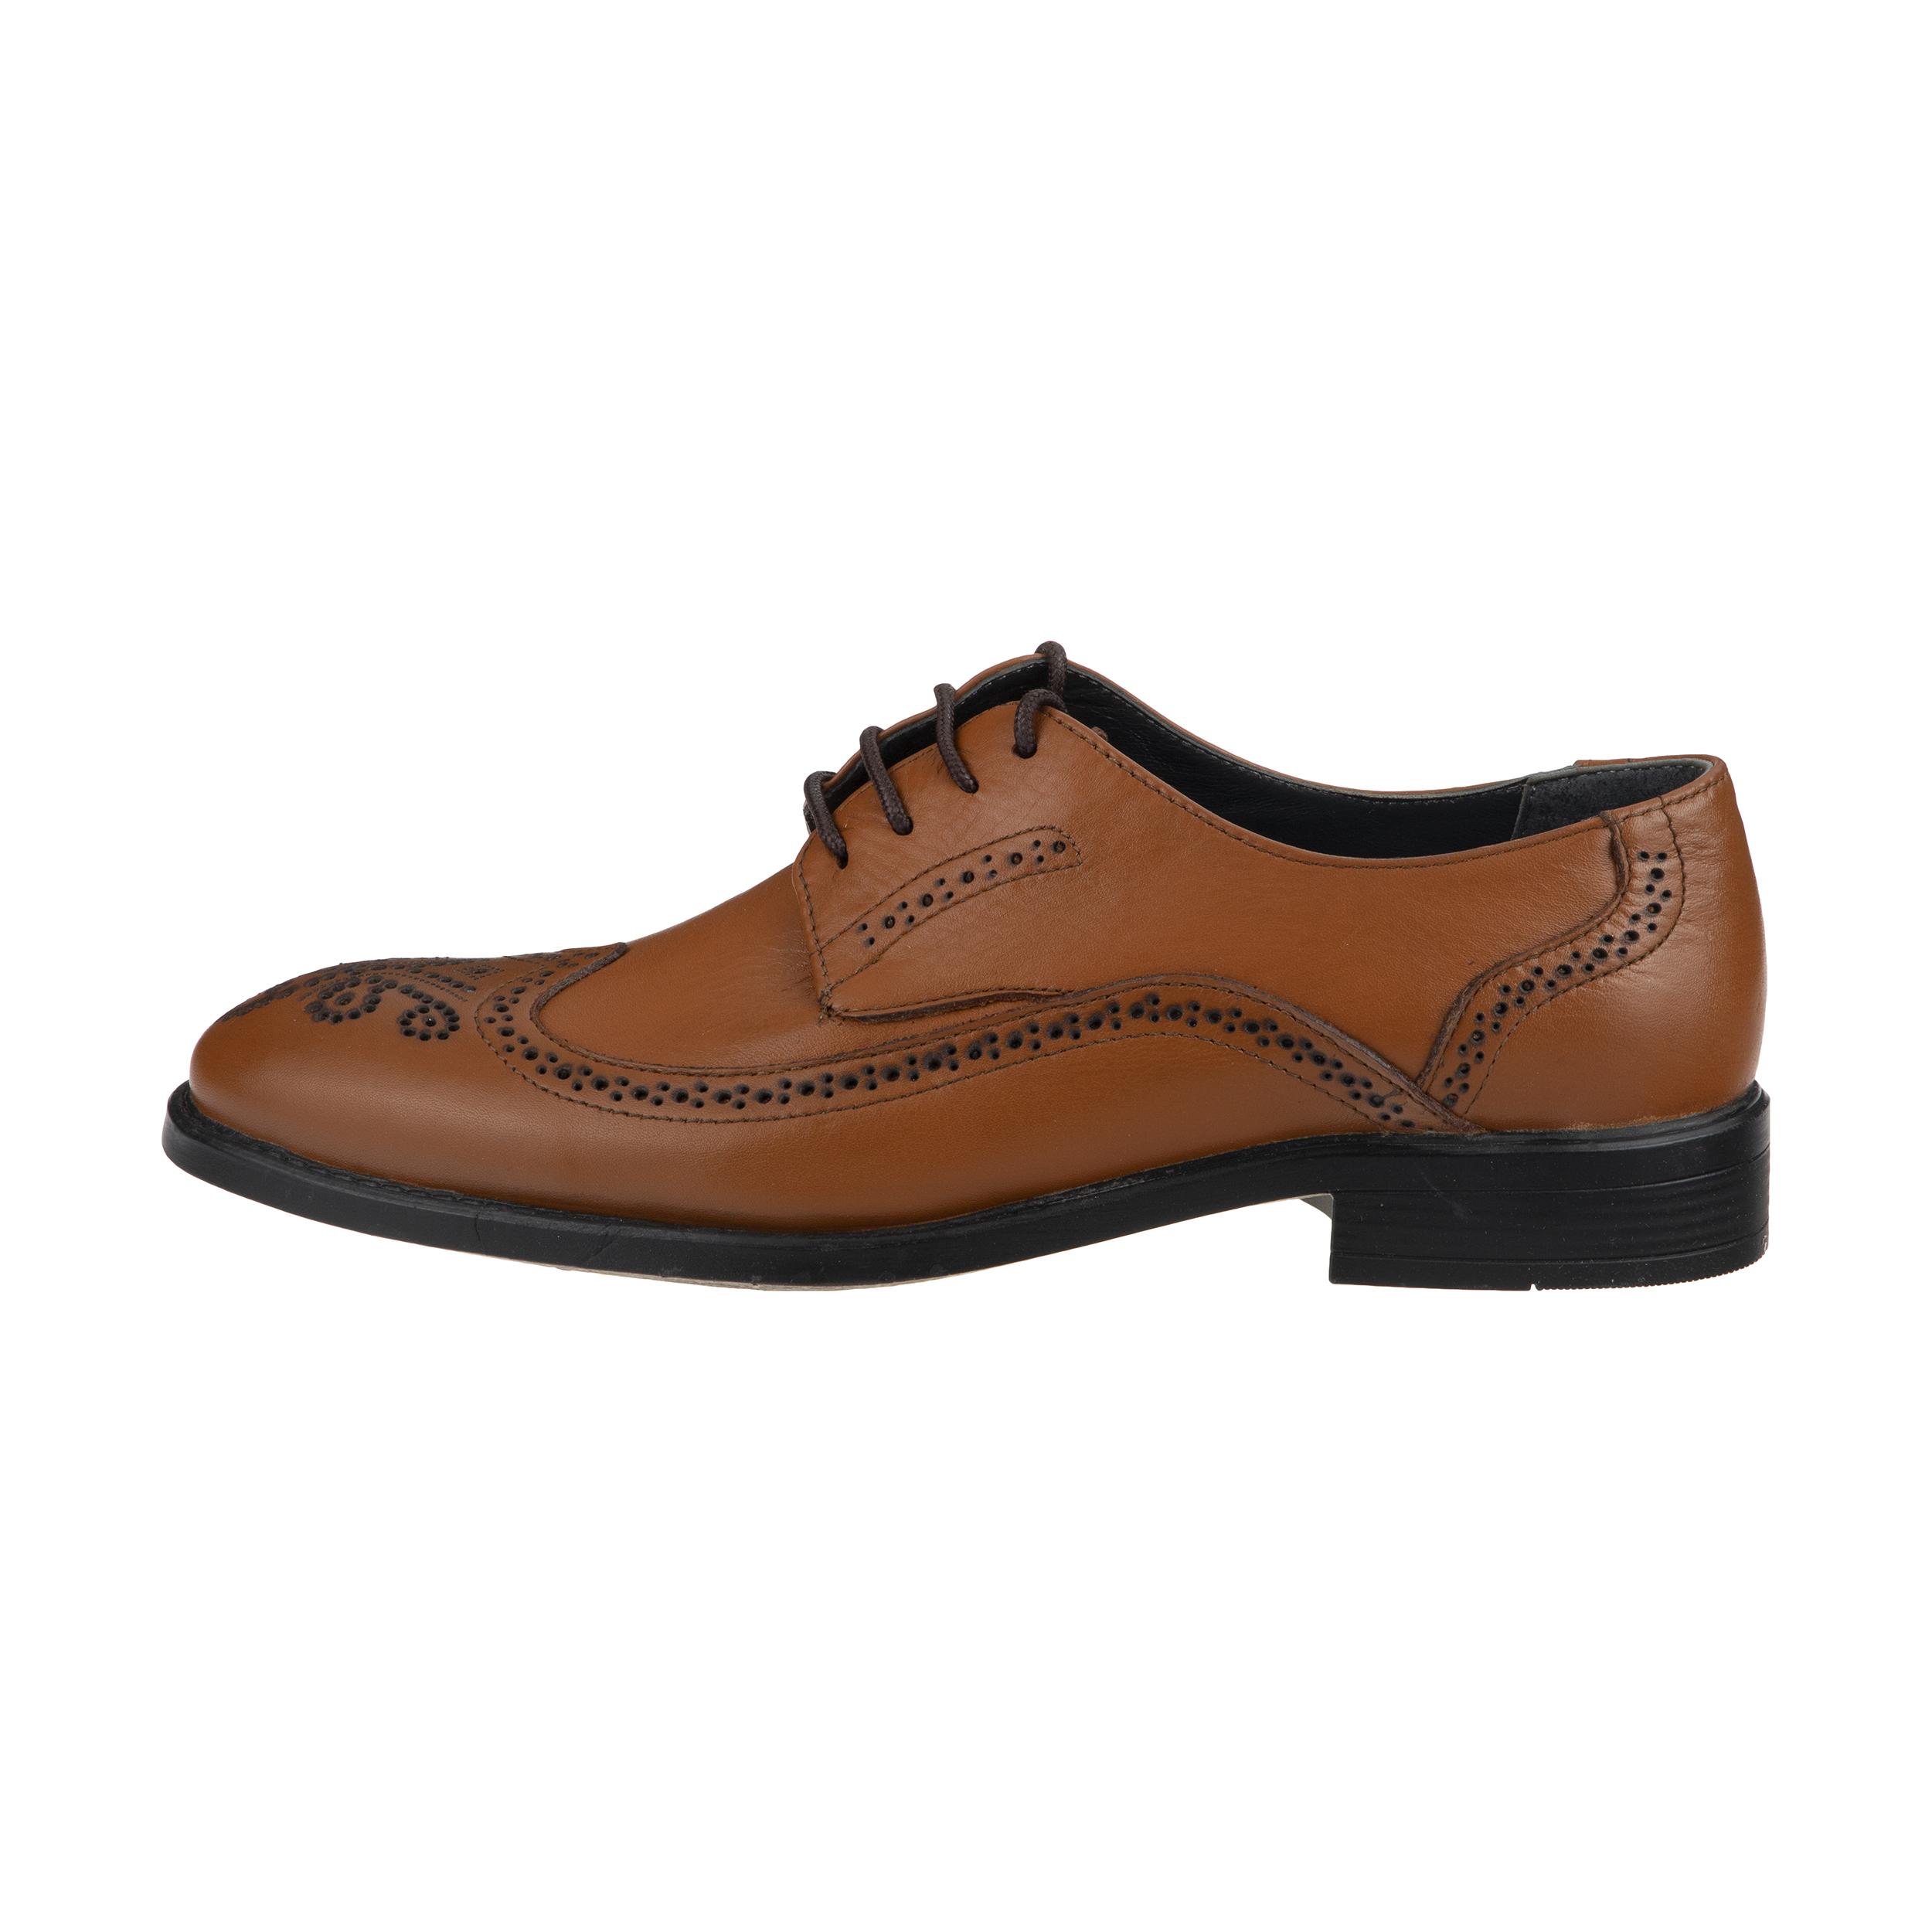 کفش مردانه بلوط مدل 7272B503136